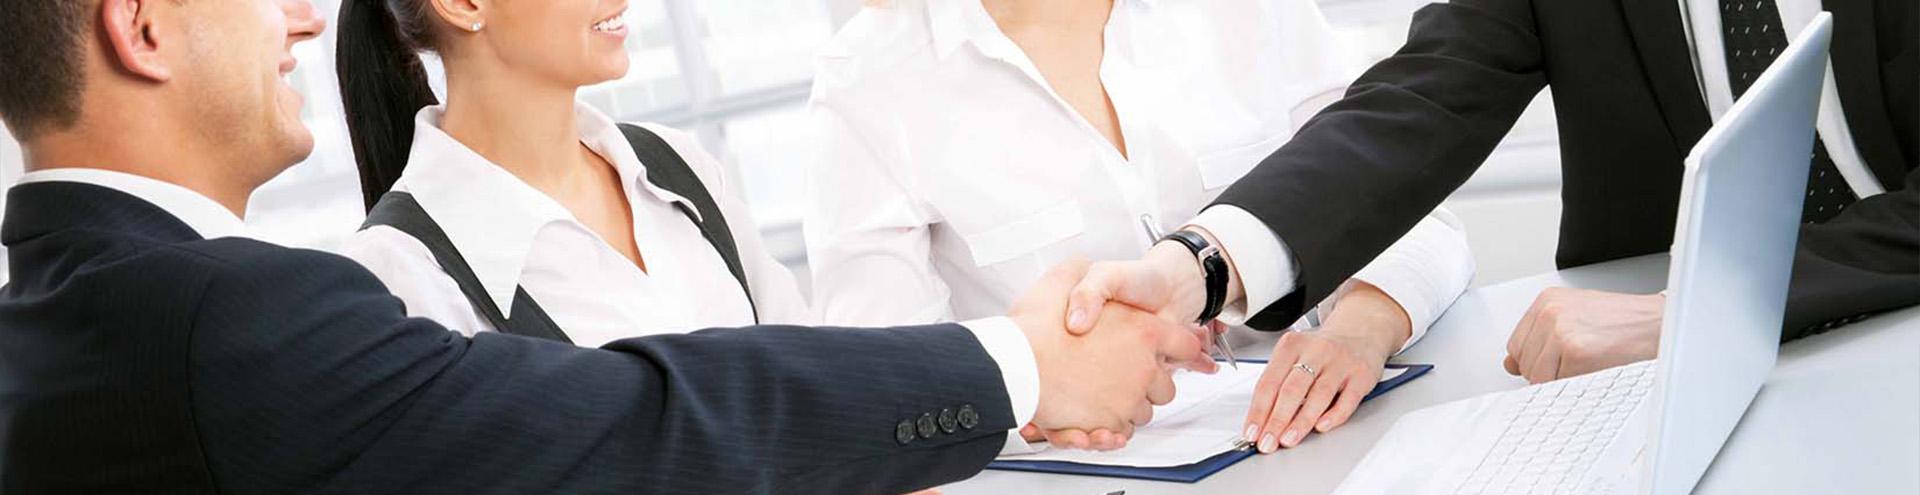 юридическое обслуживание физических лиц в Астрахани и Астраханской области